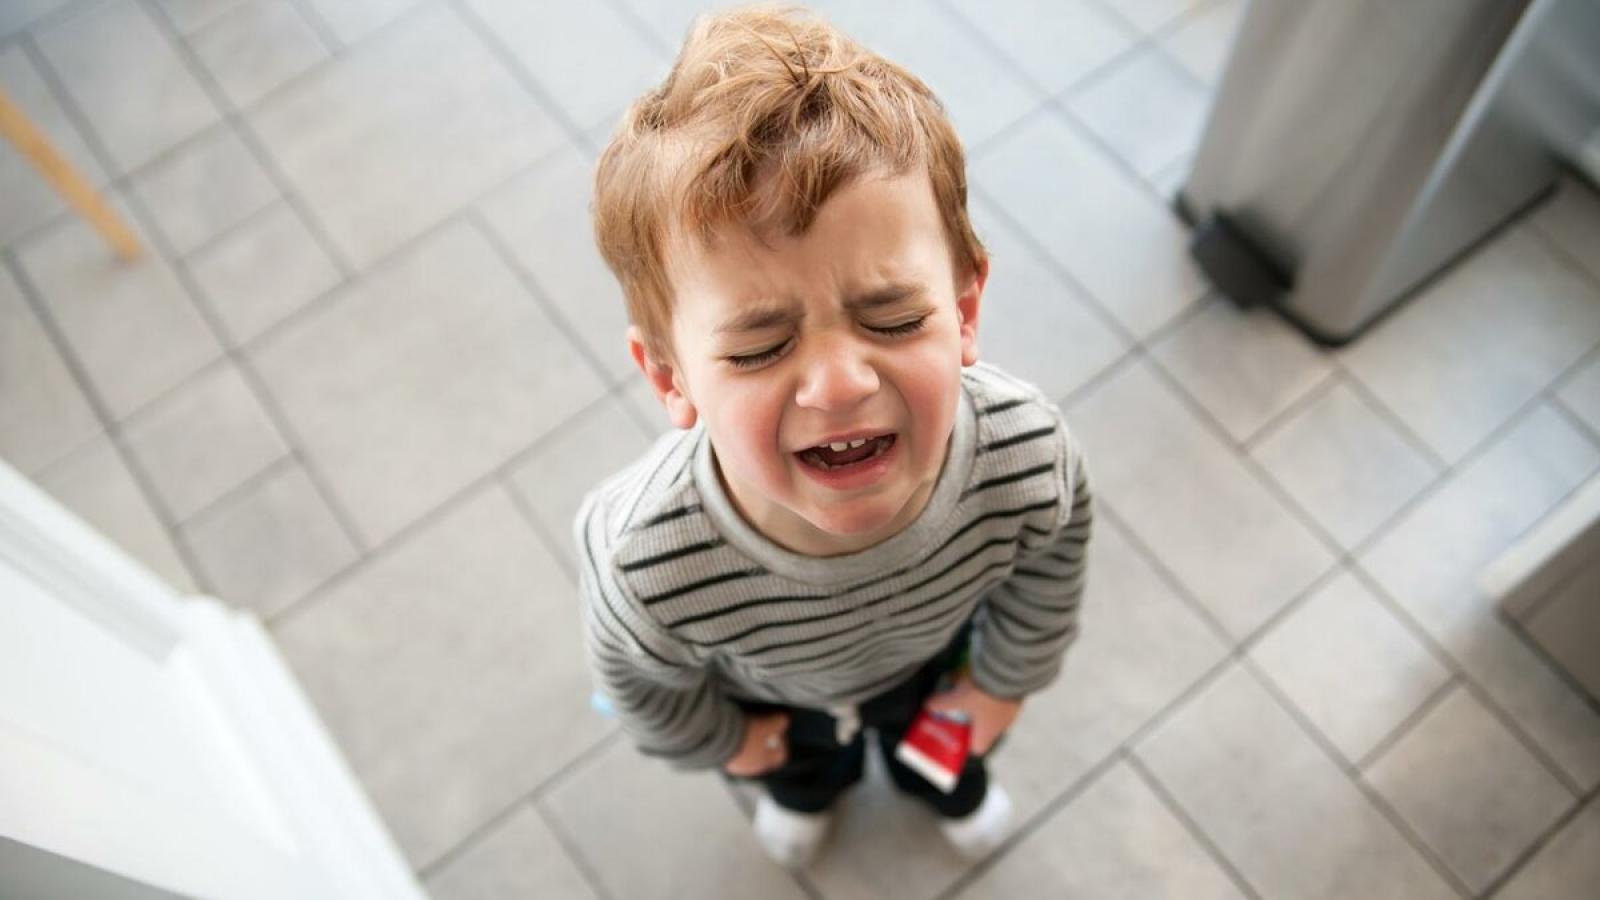 Ребенок клянчит игрушки в магазине